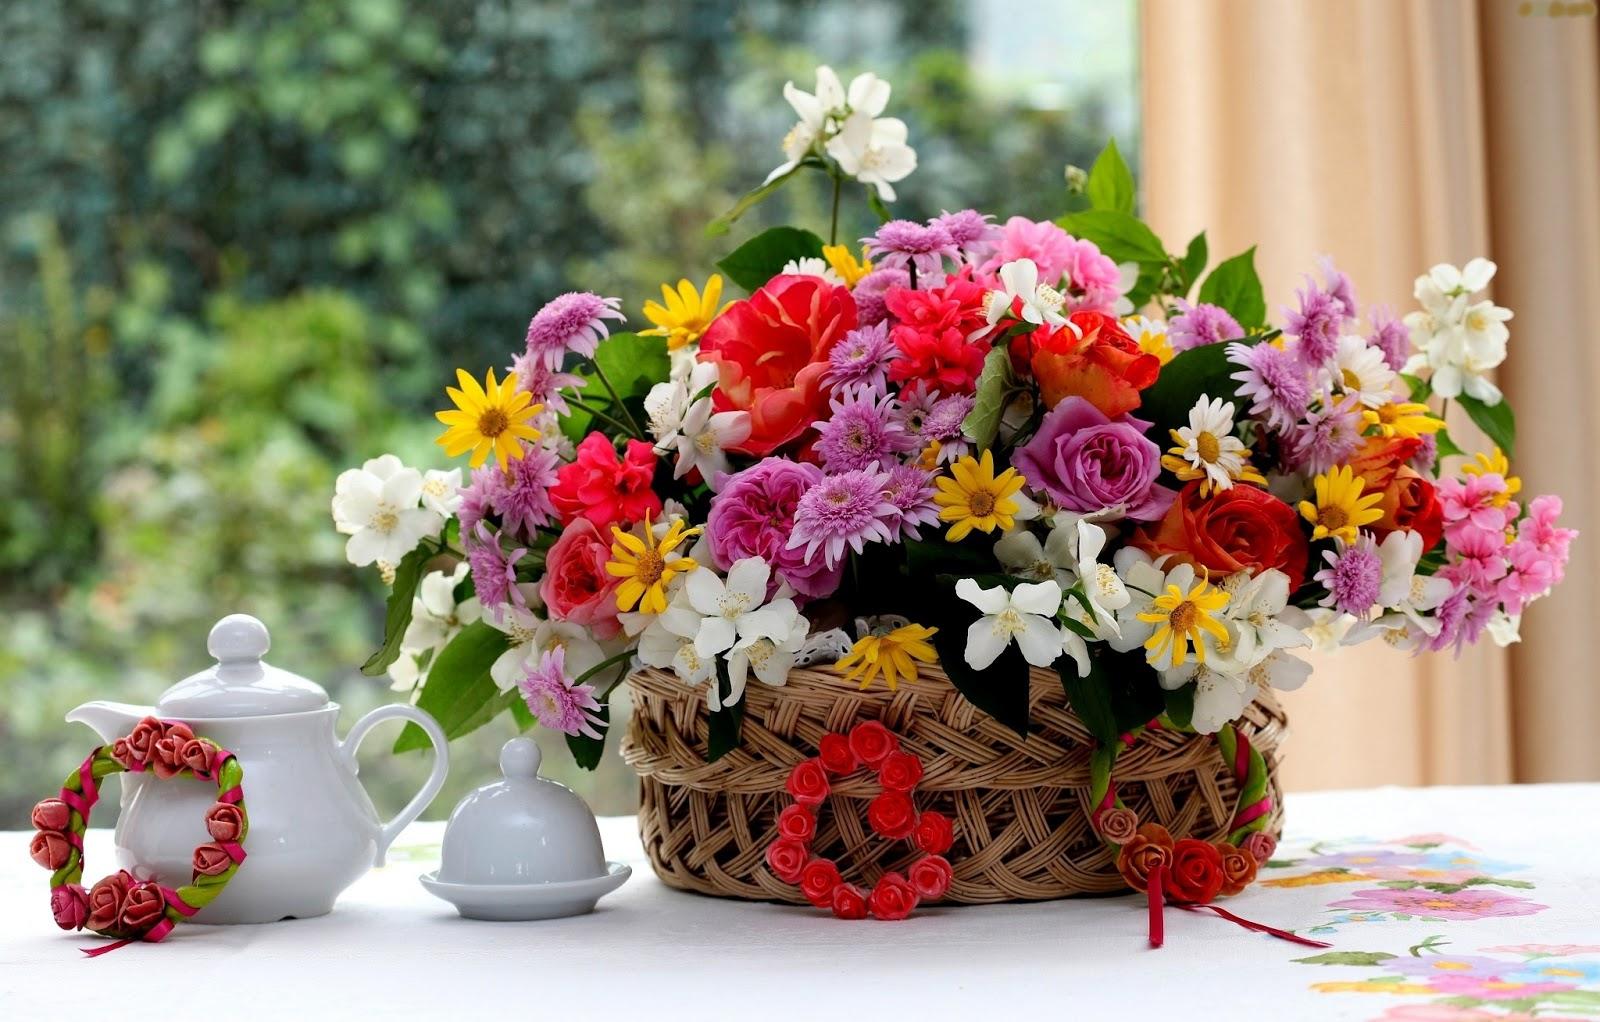 მოჭრილი ყვავილები თაიგულისთვის